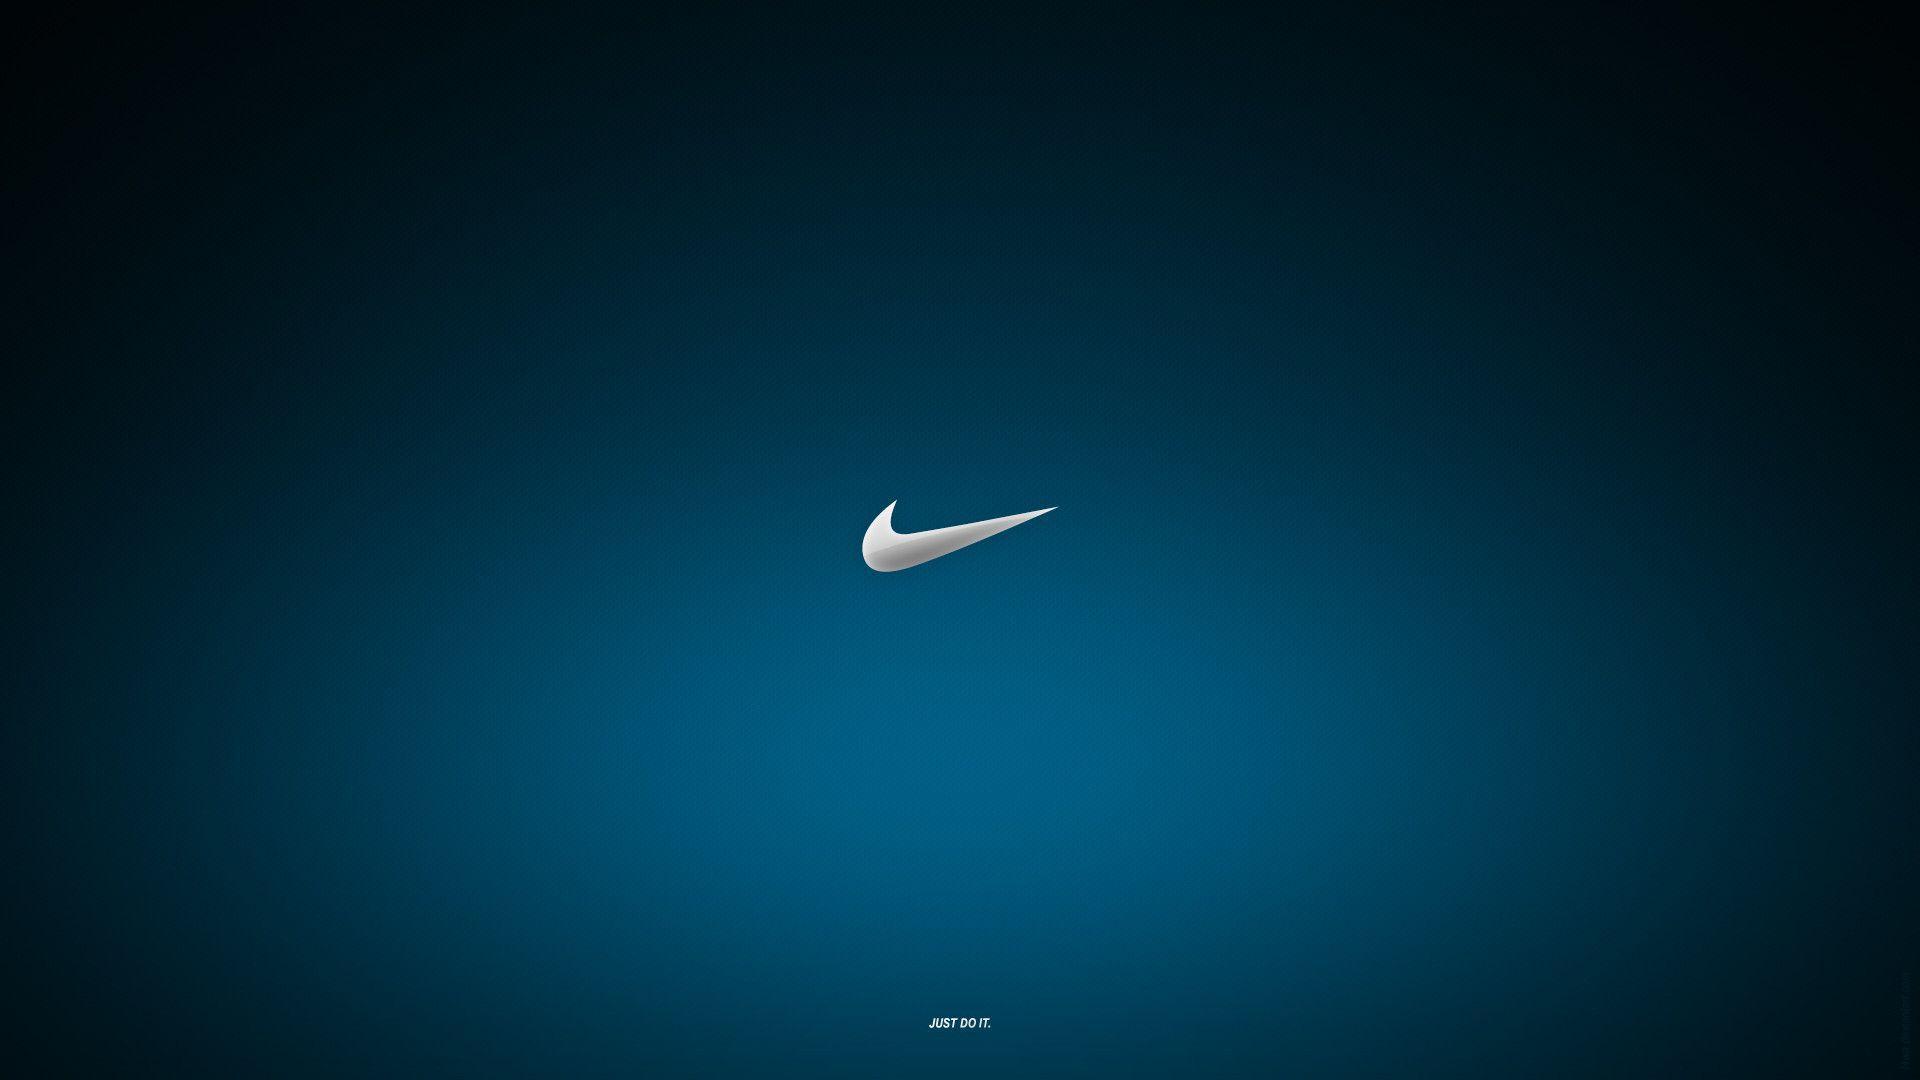 Nike Soccer Wallpaper For Desktop: Nike Wallpapers Soccer